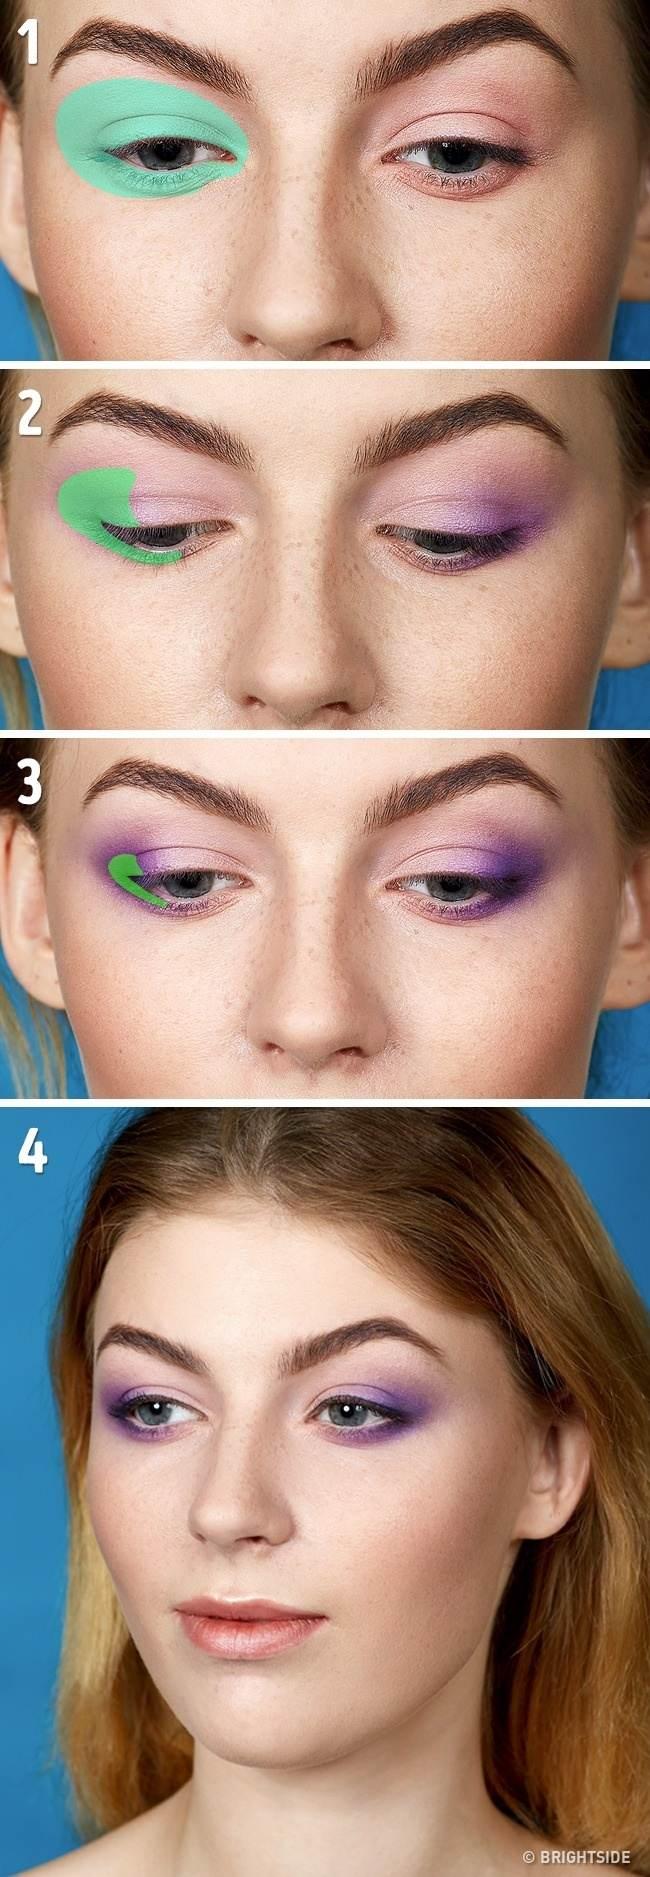 5 ترفند عالی برای ارایش زیبای چشم ها